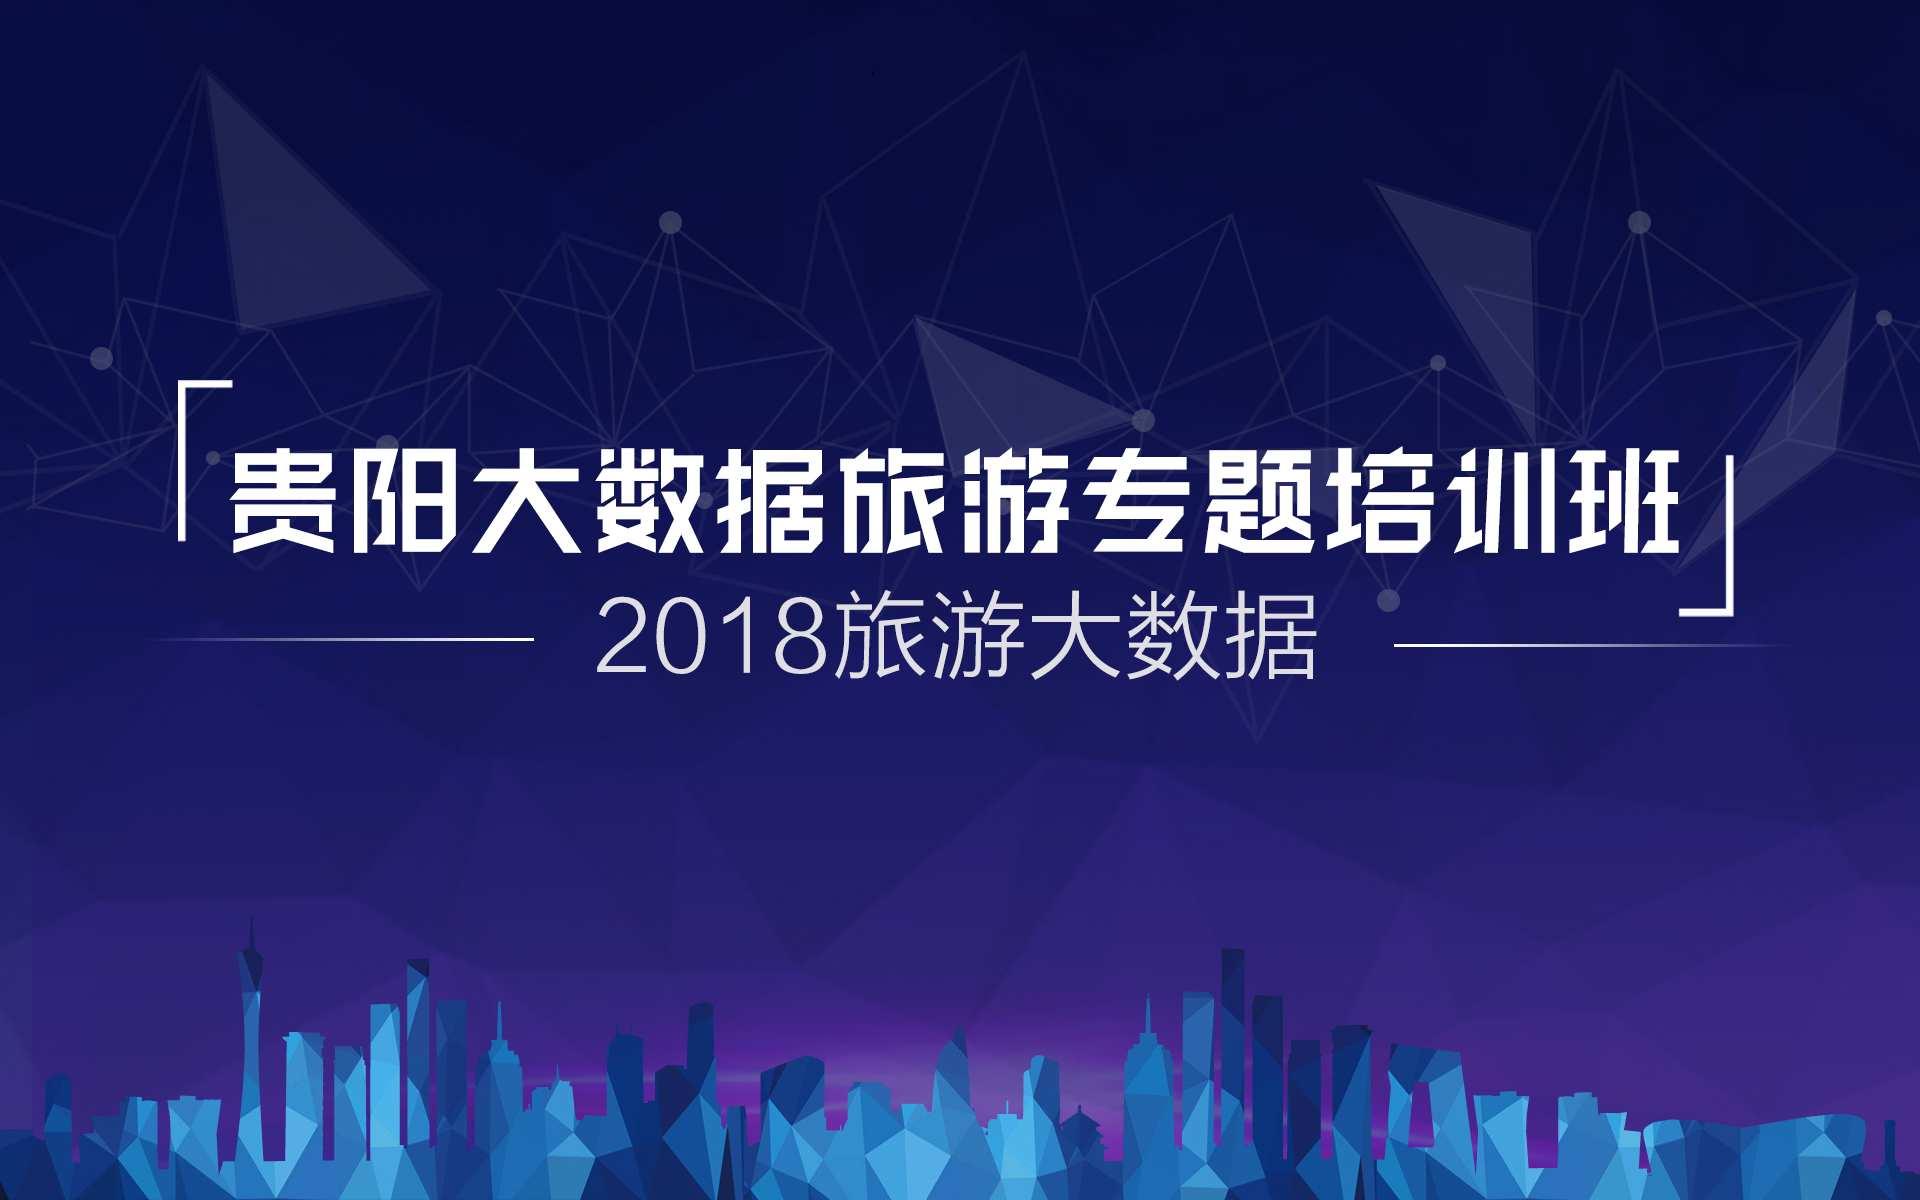 贵阳旅委:大数据旅游培训助推酒店智慧发展